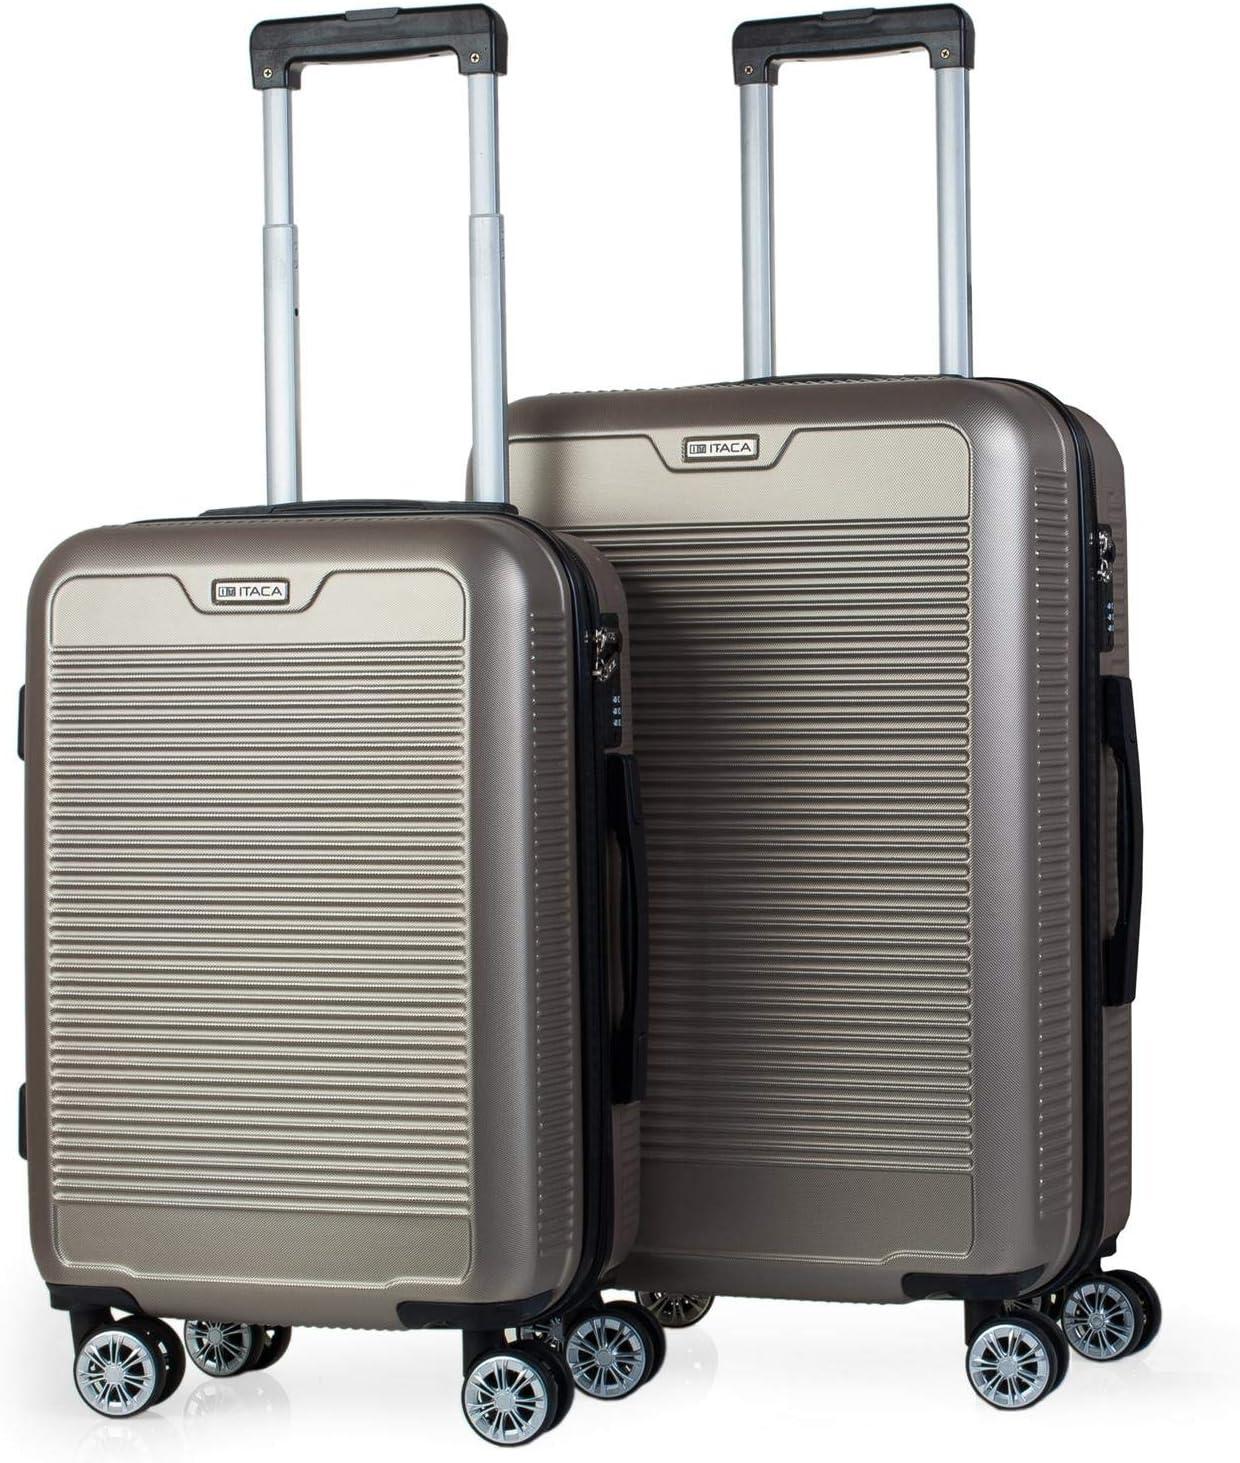 ITACA - Juego Maletas de Viaje Rígidas 4 Ruedas Trolley ABS Lisas. Duras Resistentes y Ligeras. Candado. Pequeña Cabina Ryanair y Mediana Diseño. T72015, Color Dorado